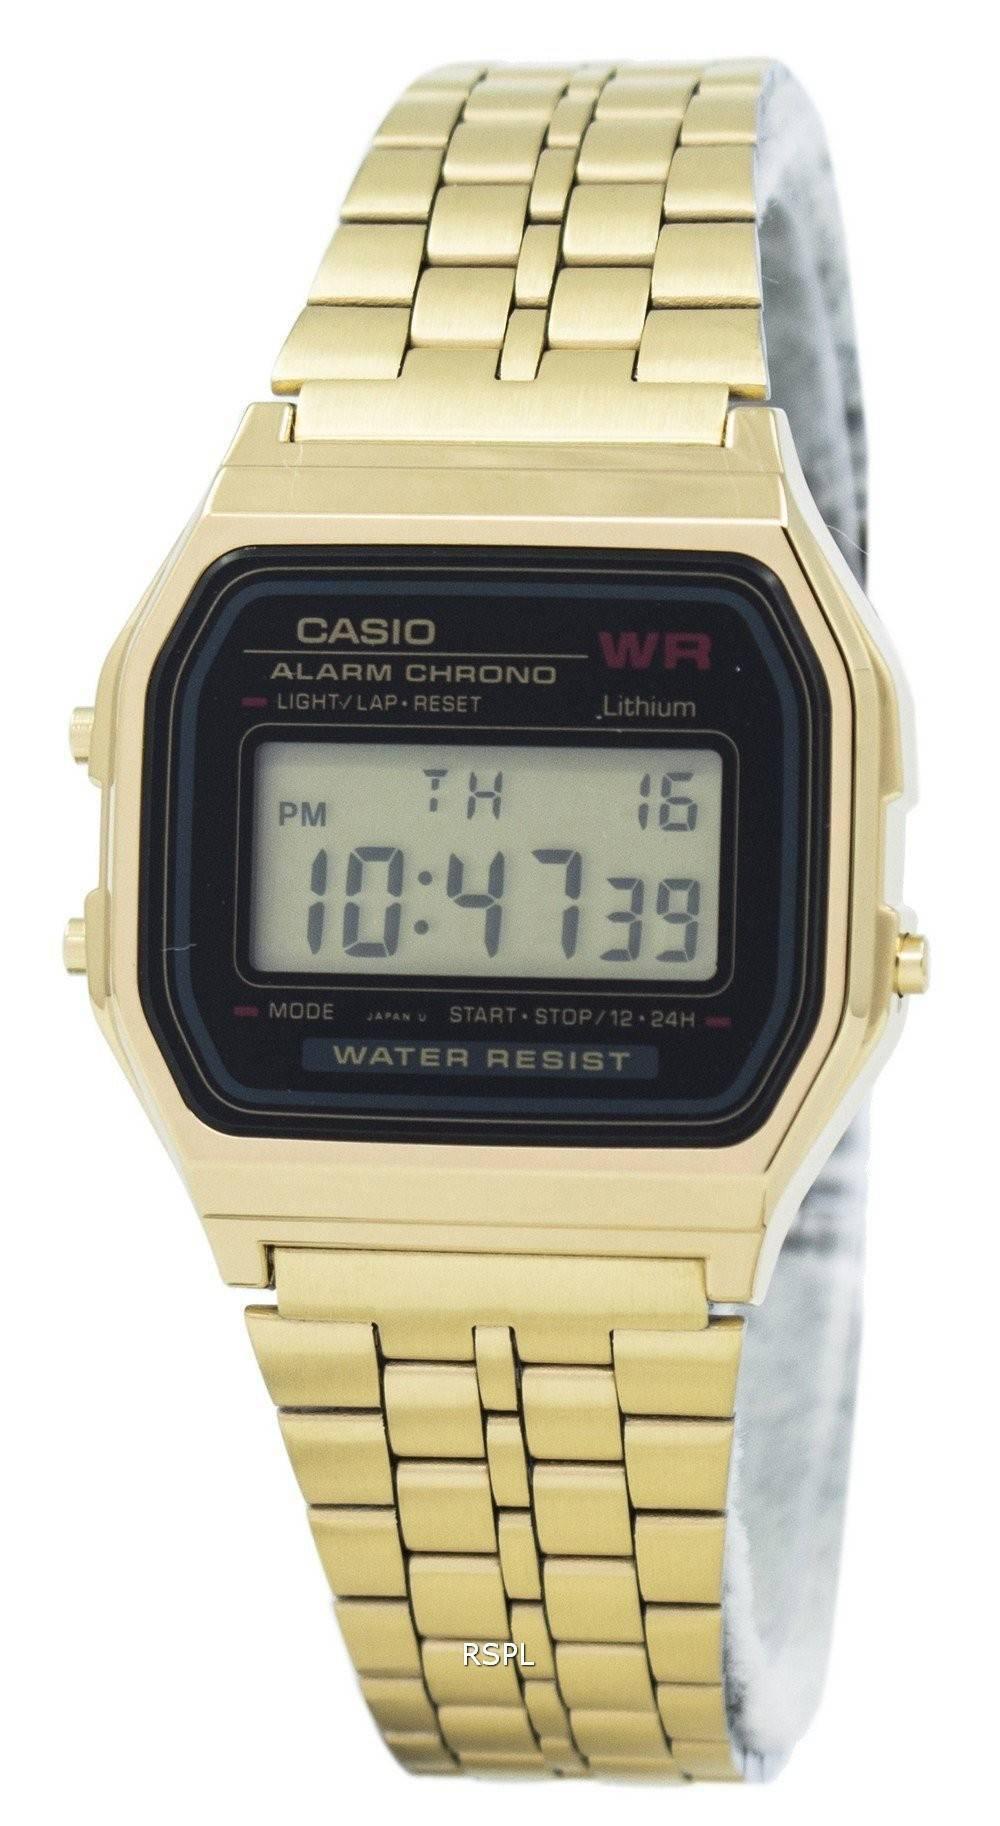 Chrono Alarm 1 Damenuhr 1df Casio Edelstahl Digital A159wgea qSUzMpVG